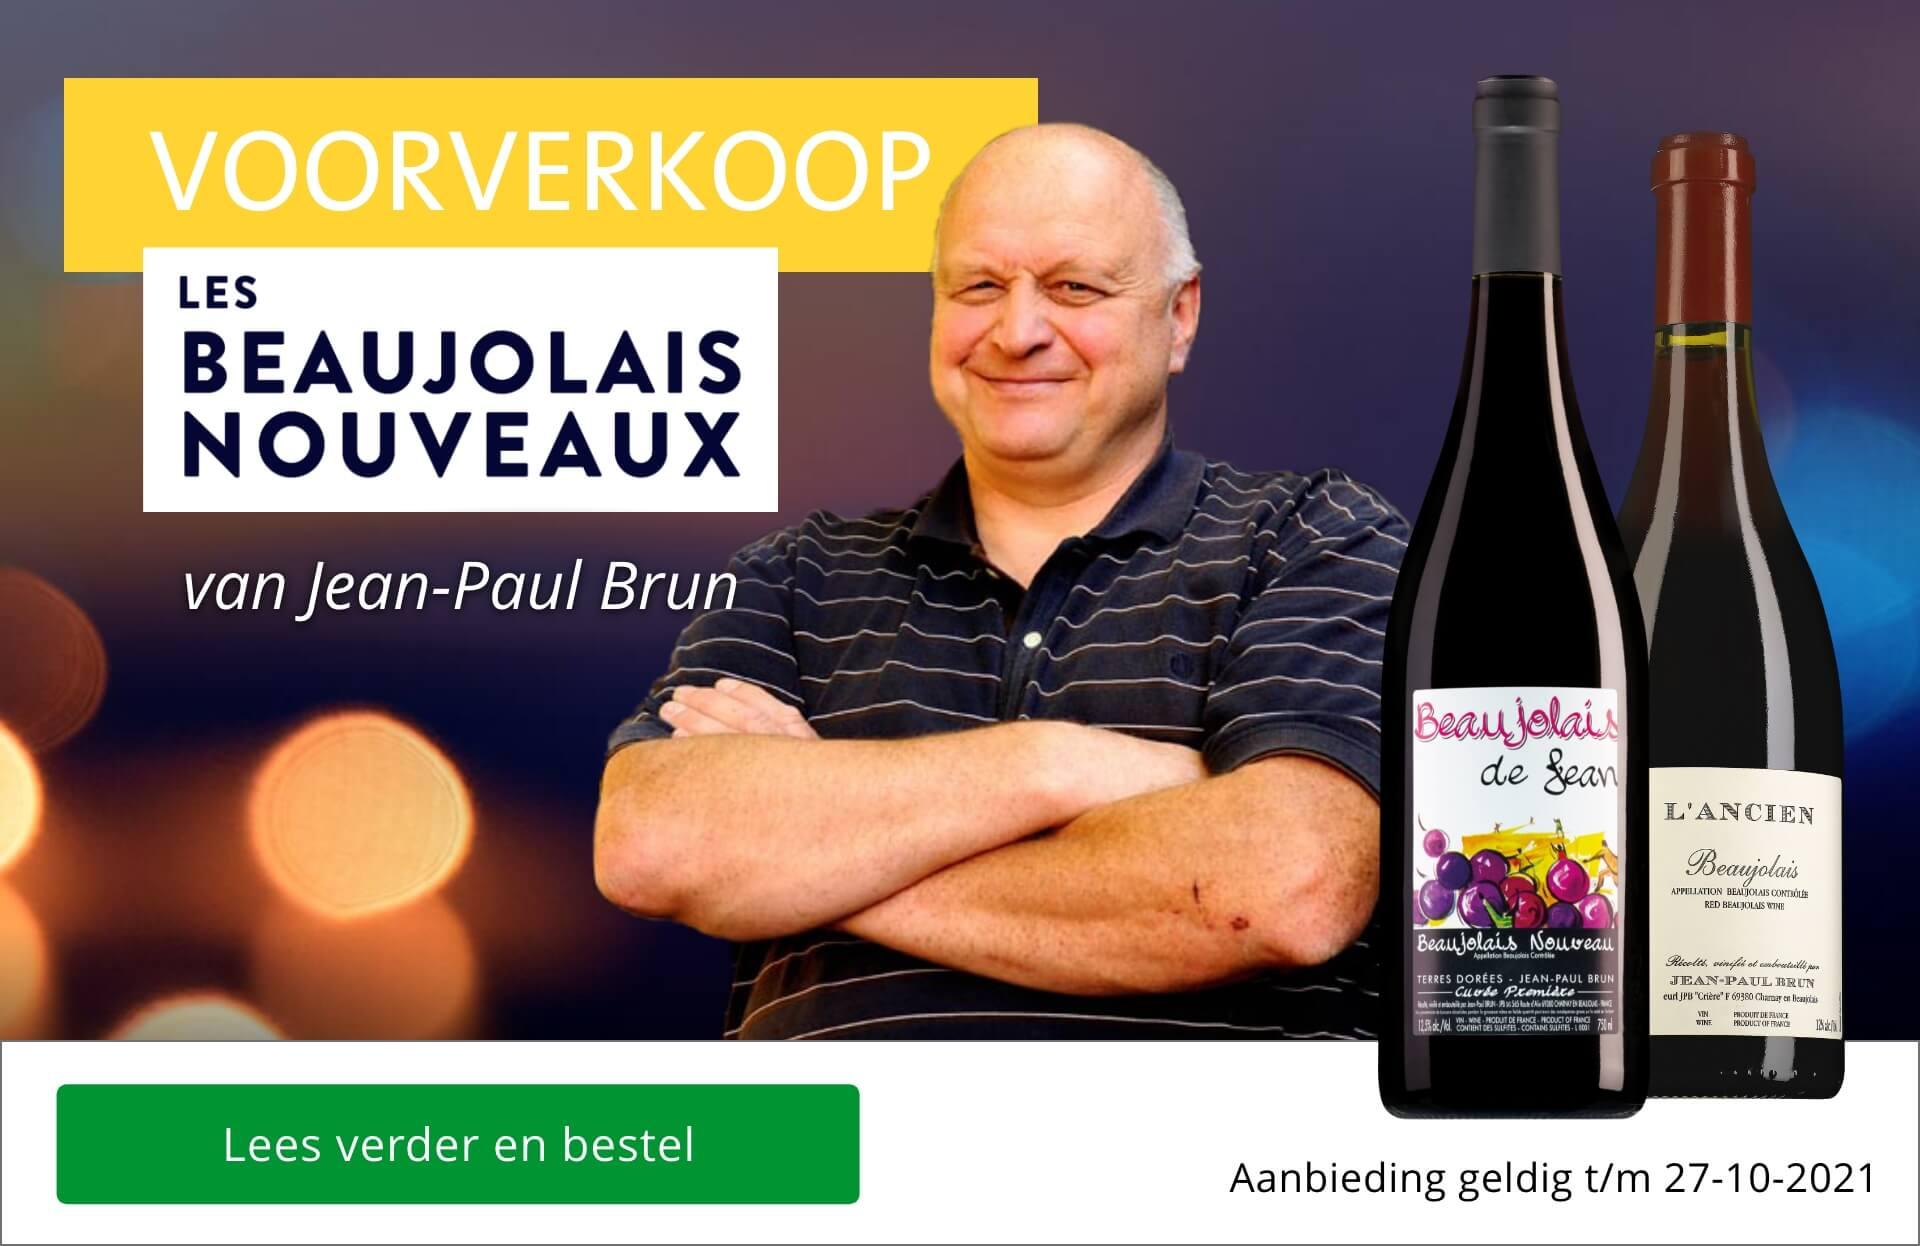 Voorverkoop Beaujolais Nouveaux 2021 van Jean-Paul Brun